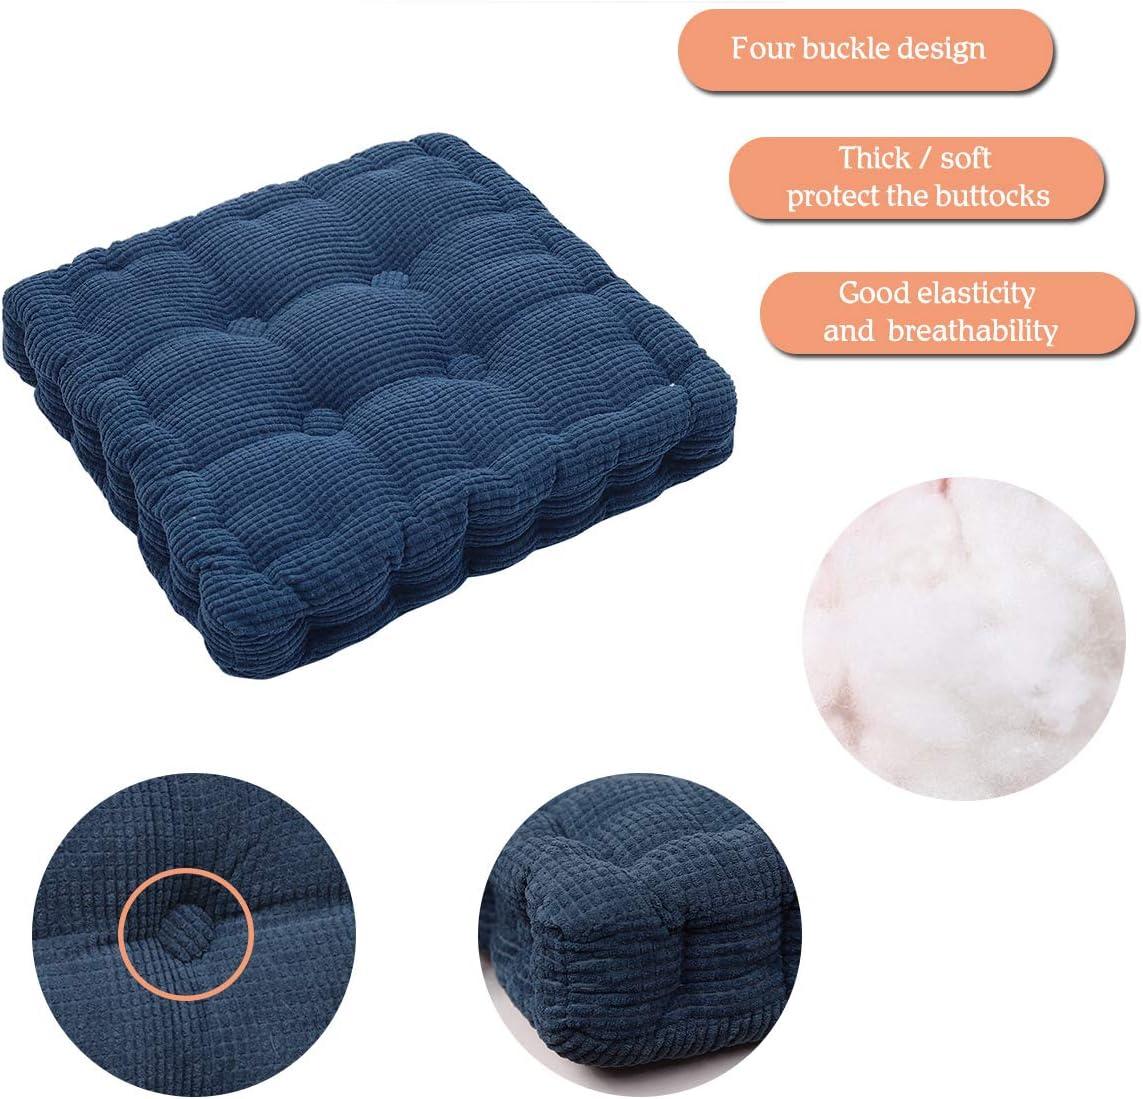 Coussin Chaise Jardin /Épais en Tatami Durable et Comfortable 40 x 40cm Orange HomeMiYN Coussin Rectangulaire Coussin Decoration Chambre